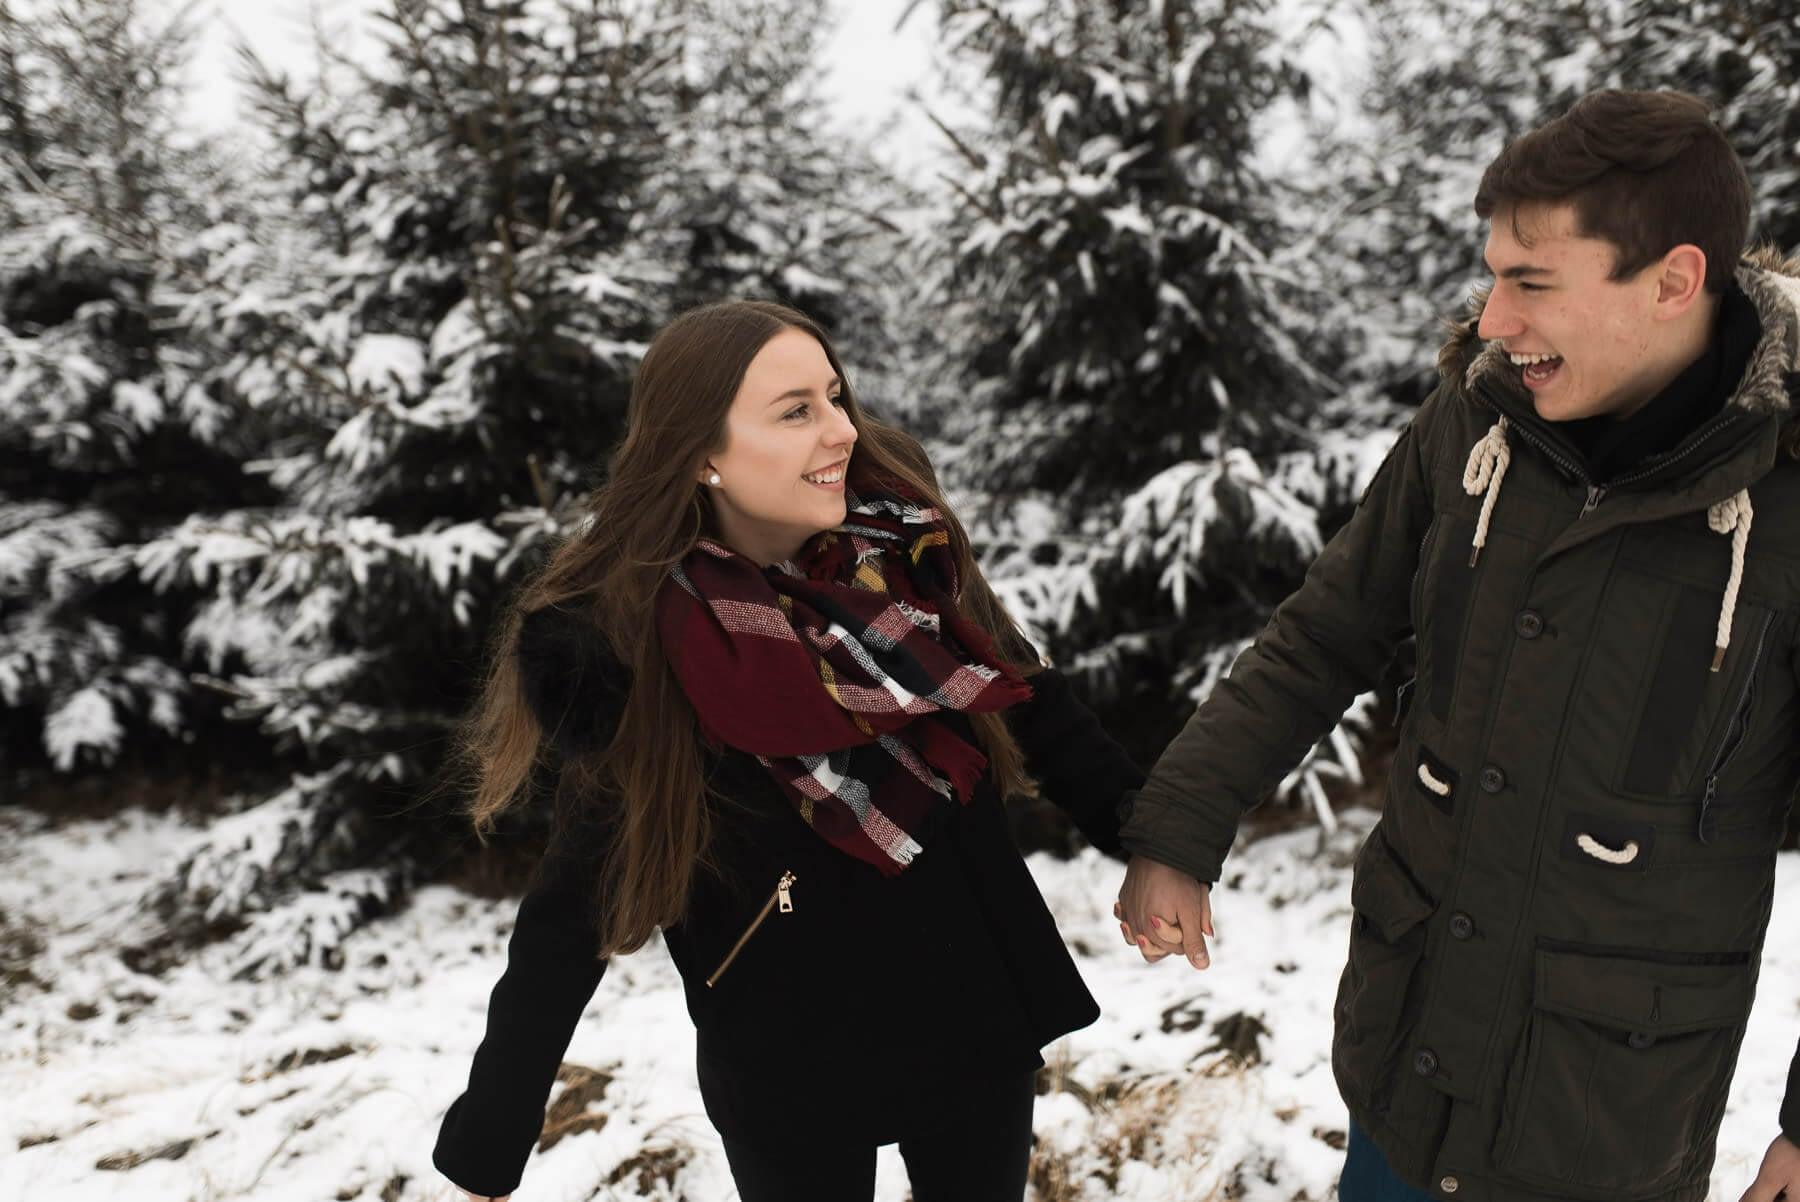 Lachendes Paar im Winter im Wald nach Schneefall